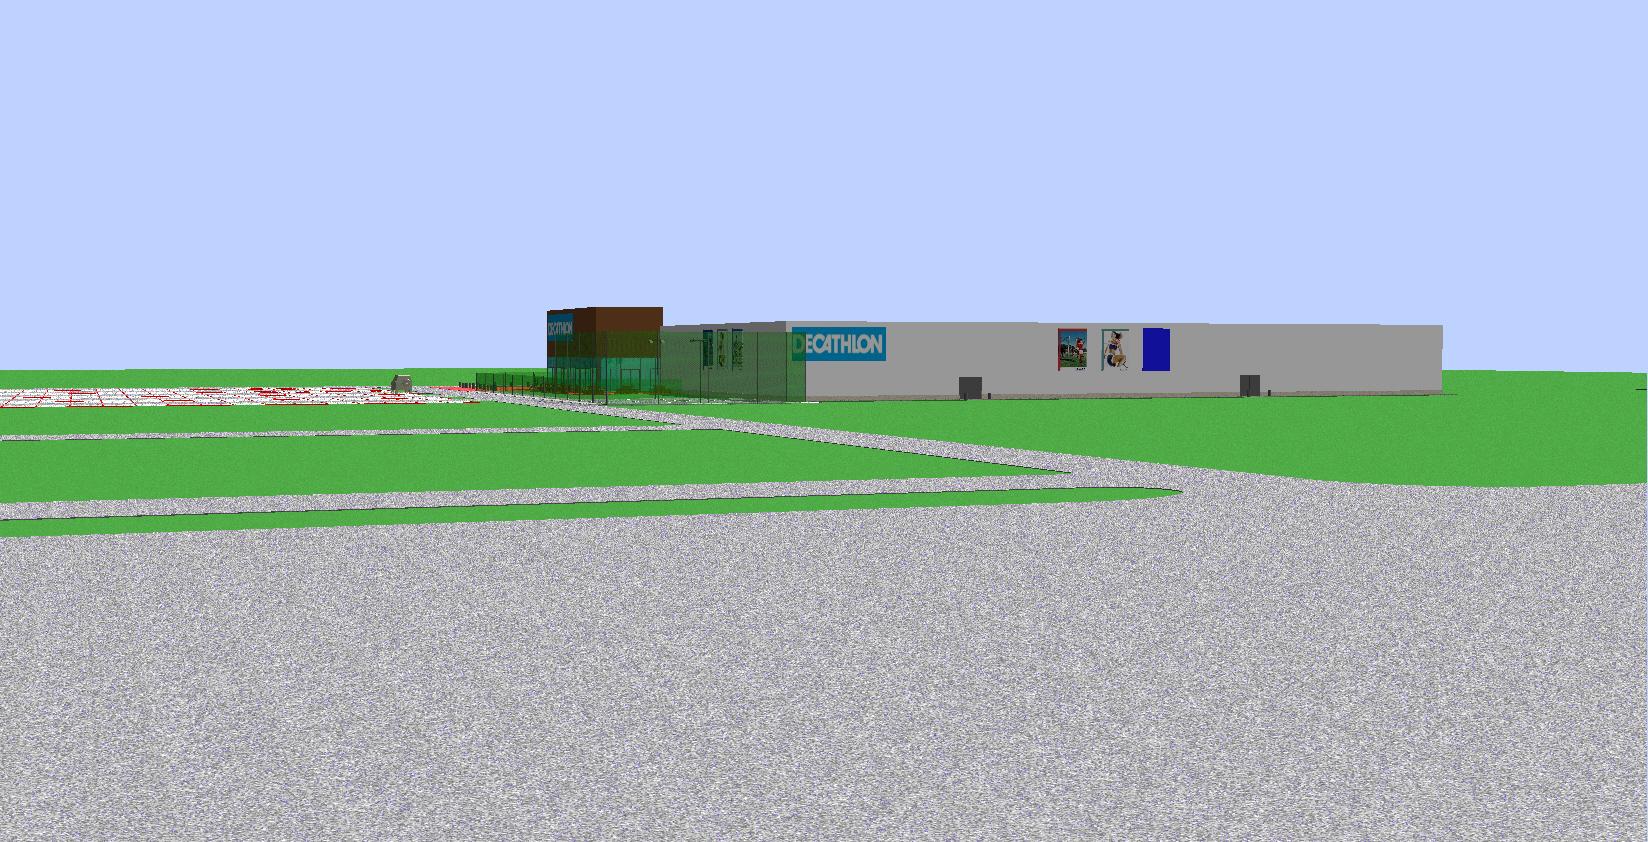 Homlokzat Auchan felol